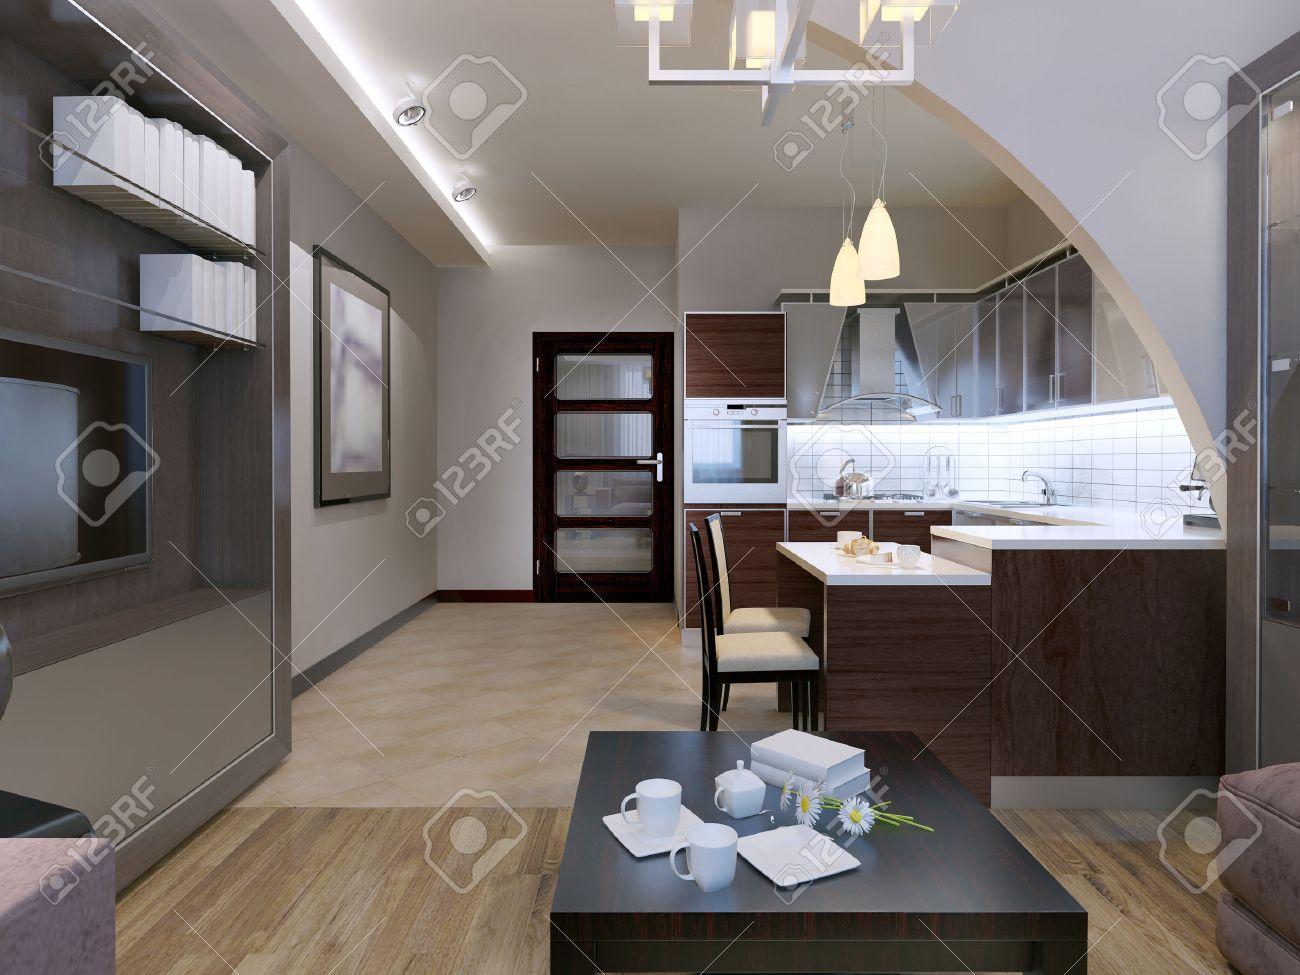 Estudio De Diseño Contemporáneo. Cocina Con Sala De Estar Separada ...